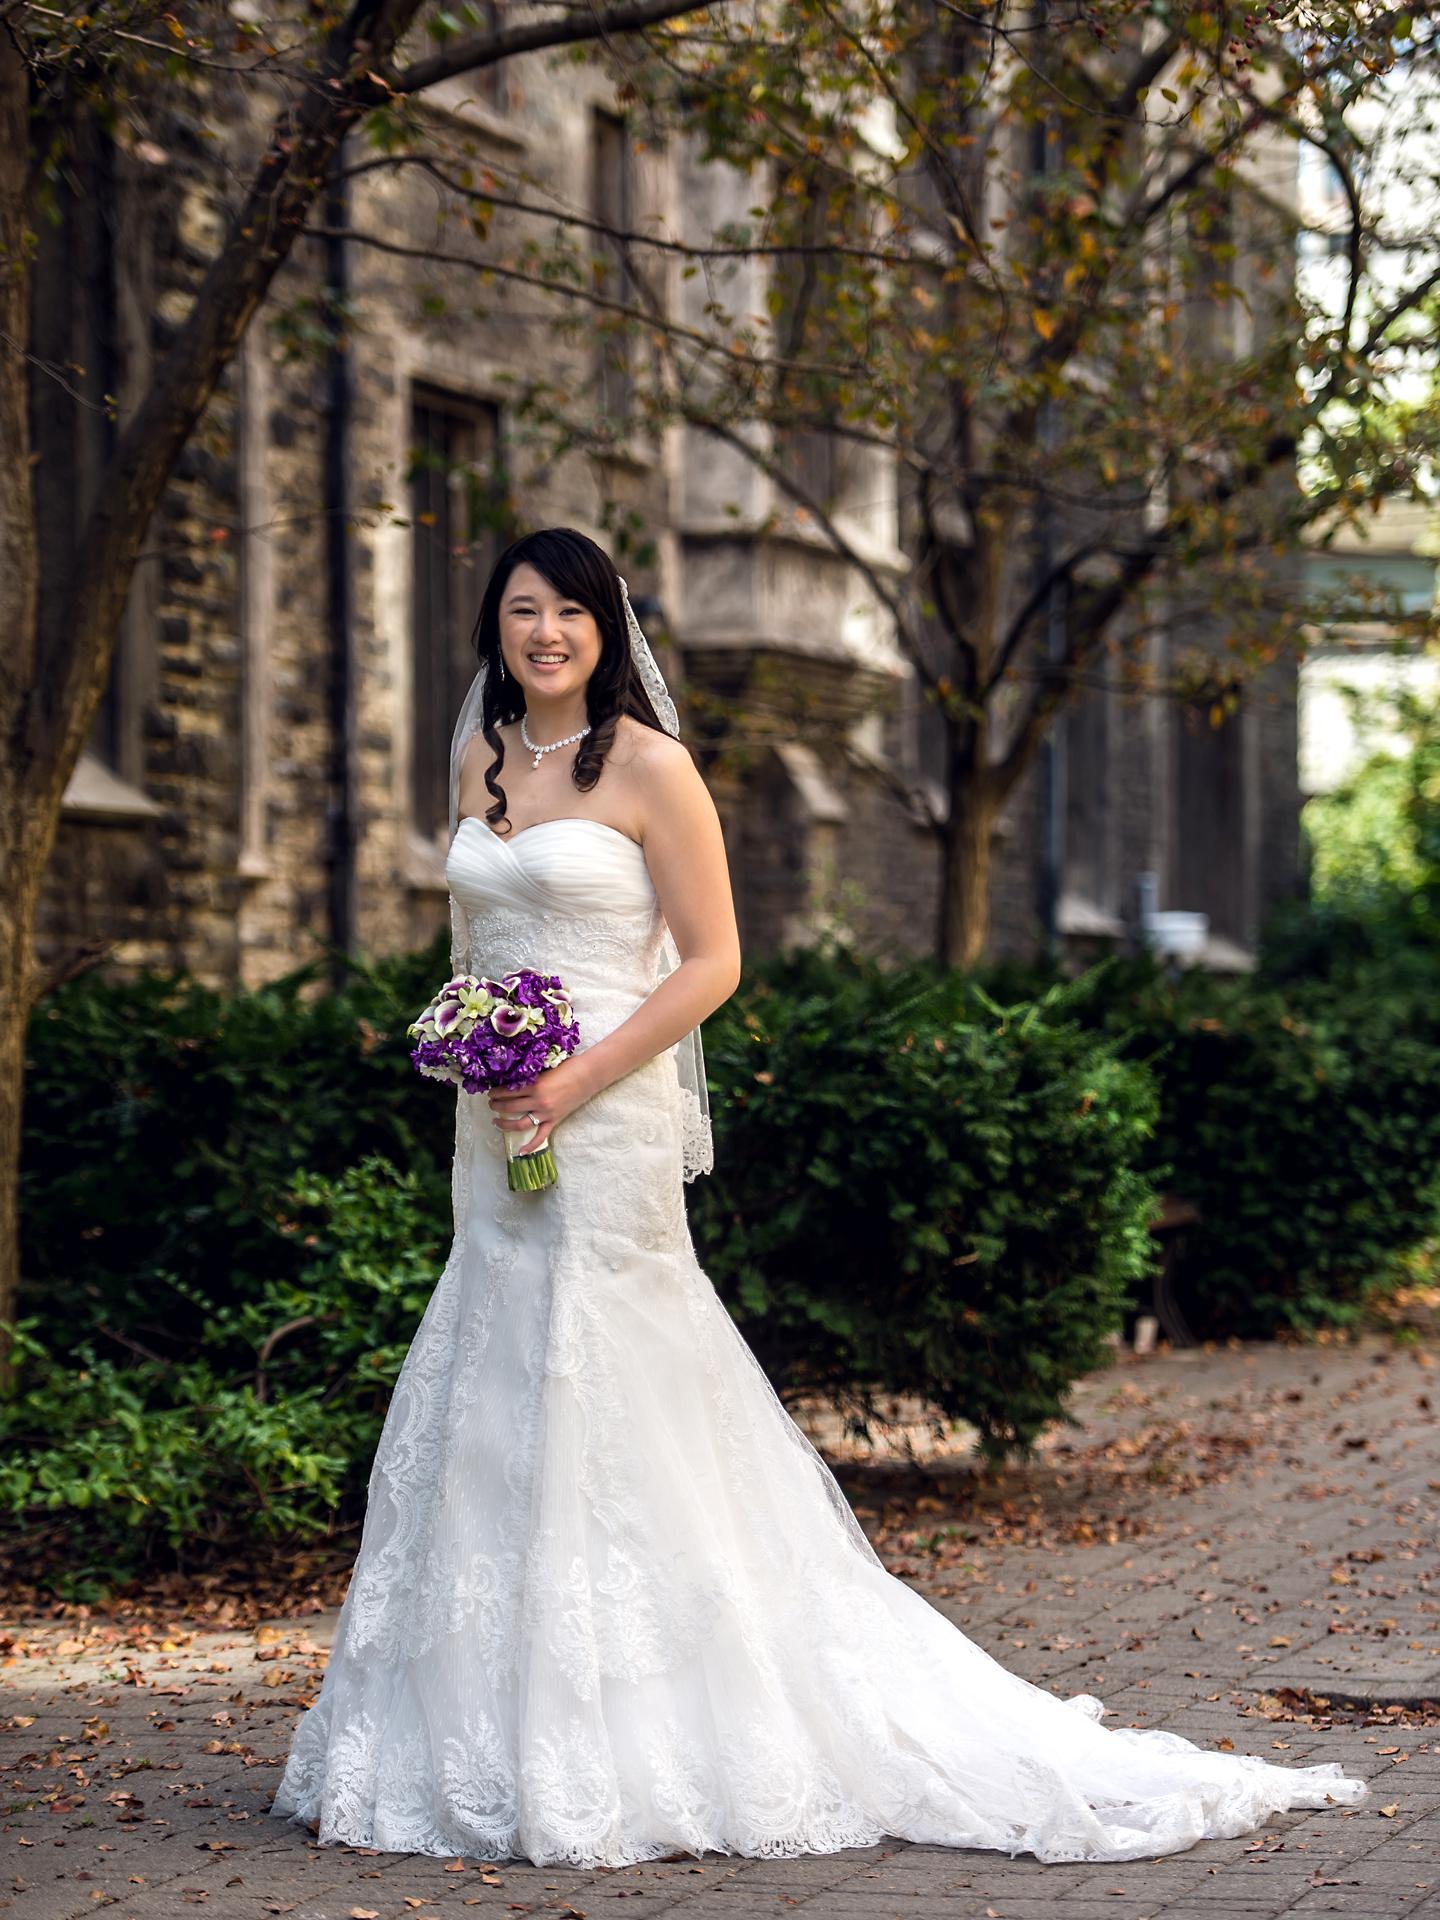 Costas & Erin | Palais Royale Wedding | Toronto Wedding Photography29